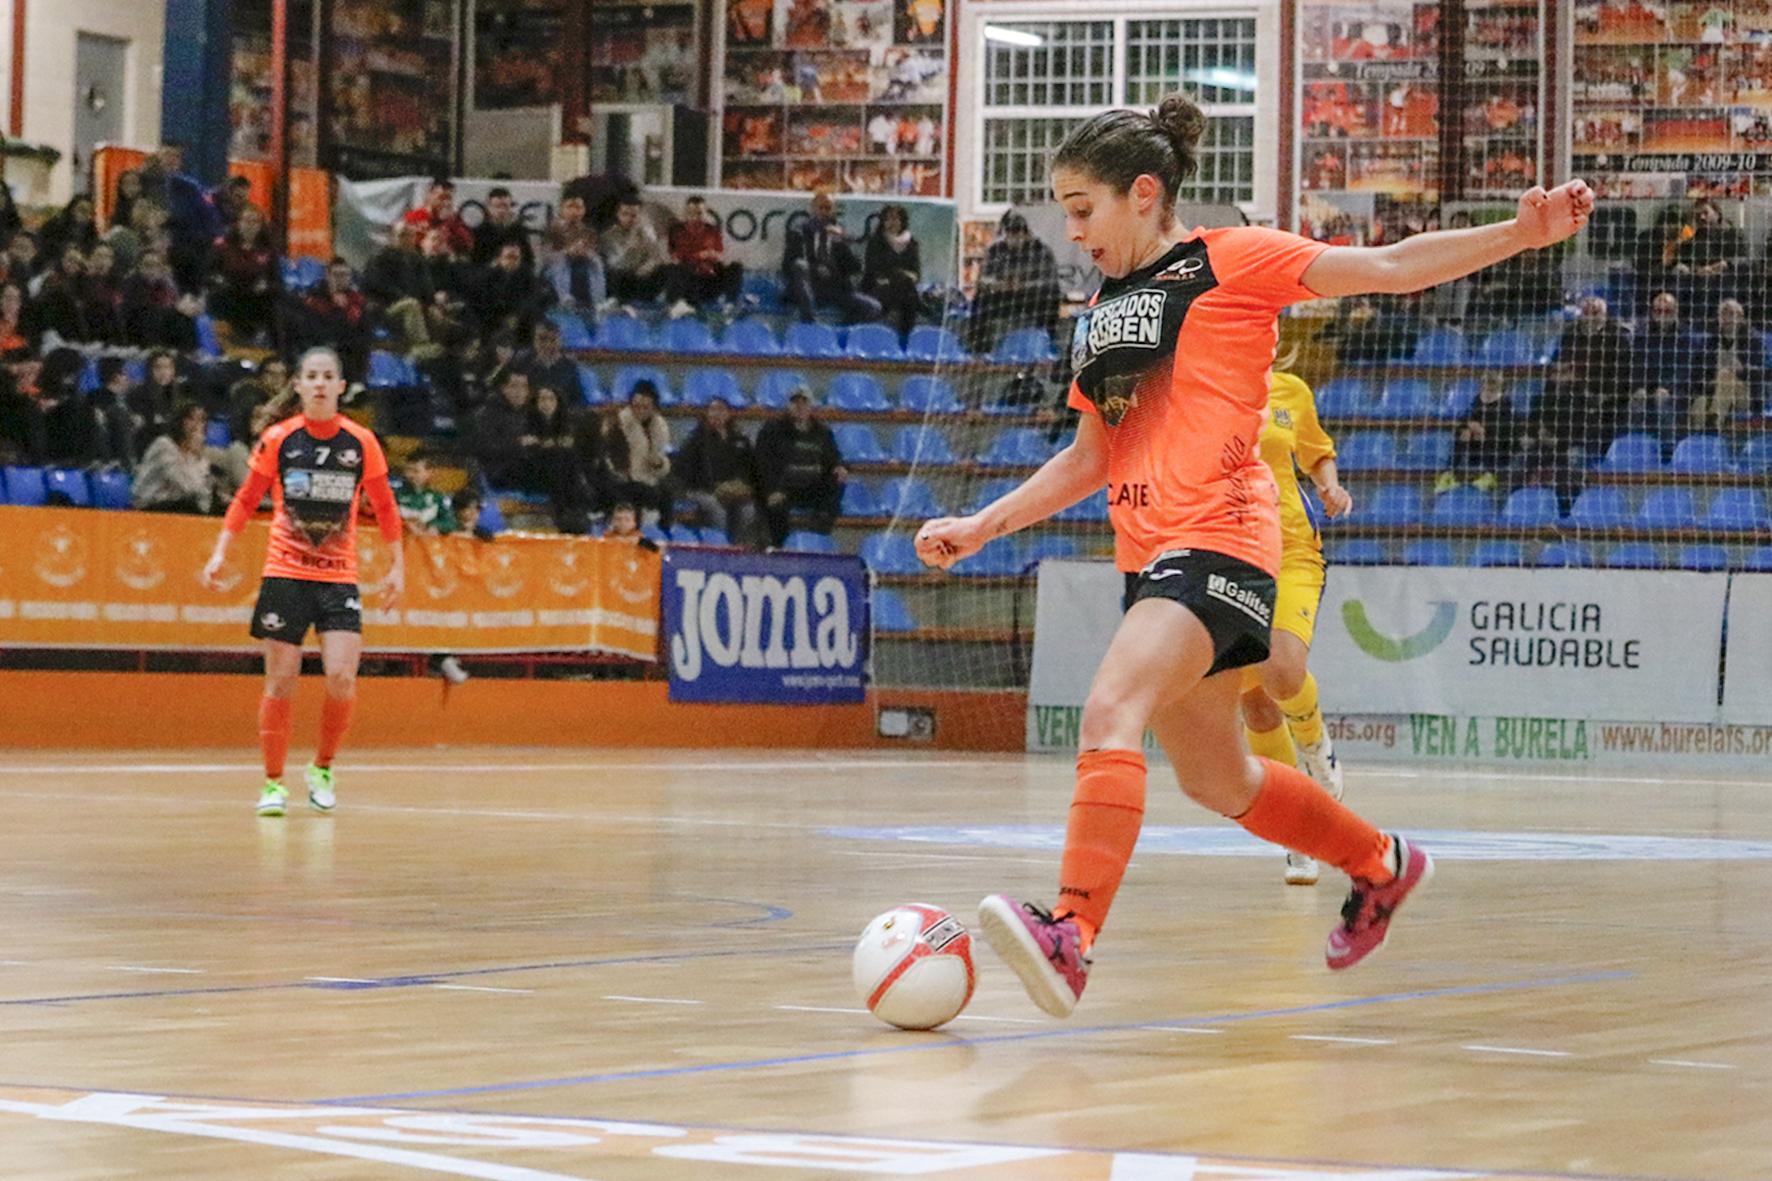 Jornada 10_Burela vs Alcorcón (16-11-2019)_Ale de Paz (3)